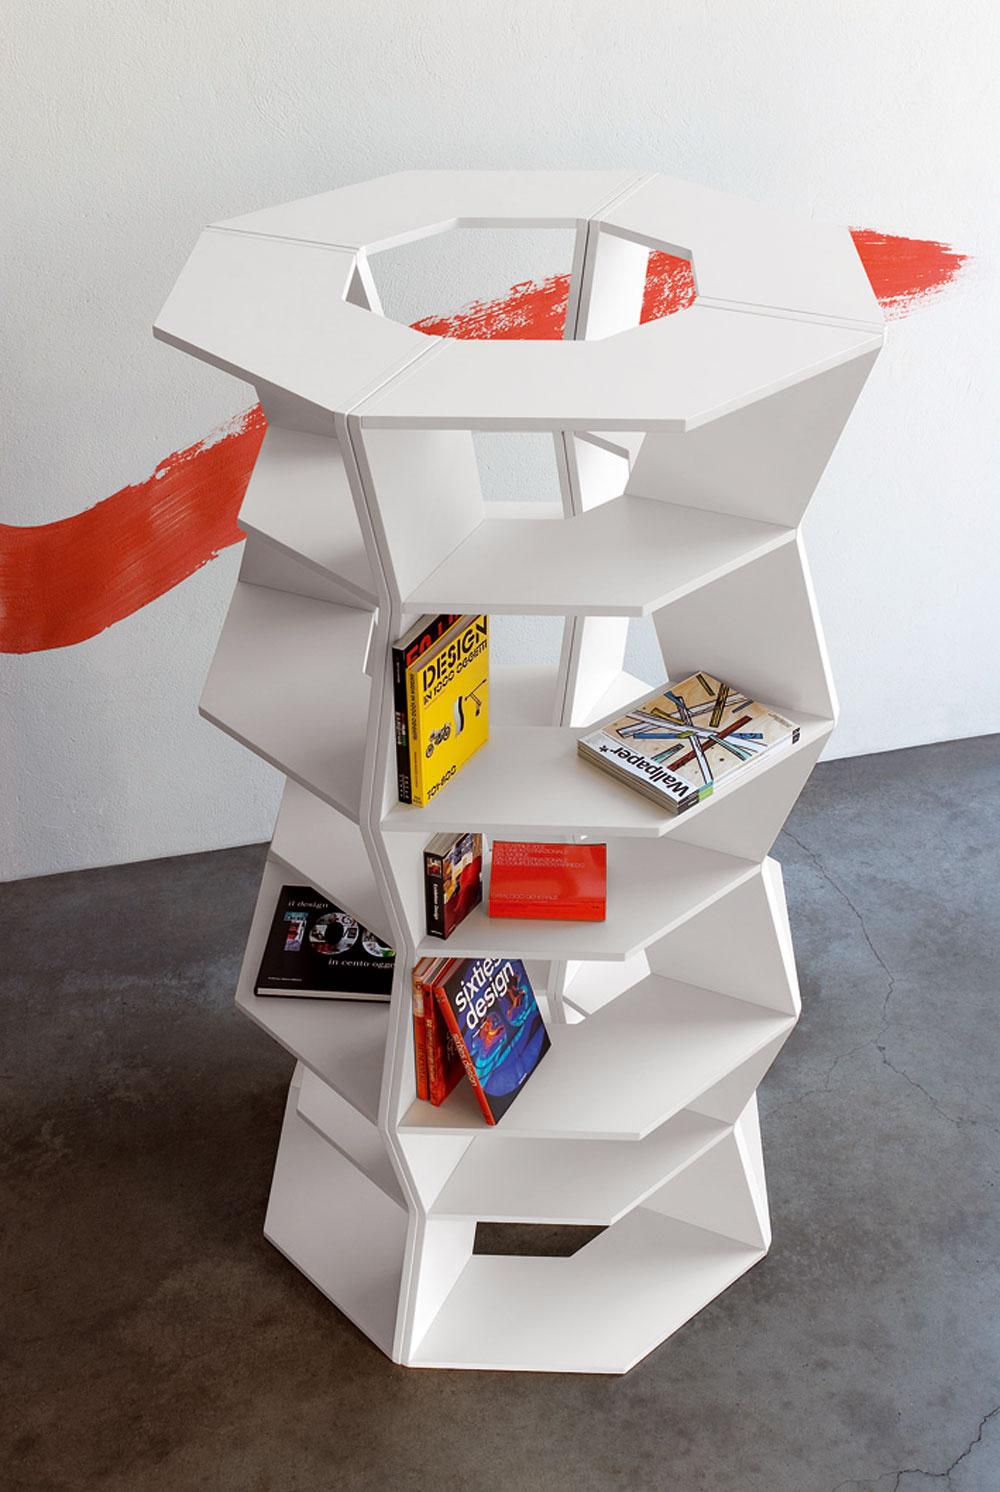 Knižnice so šikmými poličkami pomerne rýchlo zaradili do svojej produkcie mnohé dizajnové značky. Biele lakované moduly Zig Zag z MDF sú však predsa len v niečom iné. Možno ich poskladať do kruhu a utvoriť voľne stojacu sochu, ktorá v sebe len tak mimochodom ukrýva aj nejakú tú knižku. (dizajn: Aziz Sariyer)